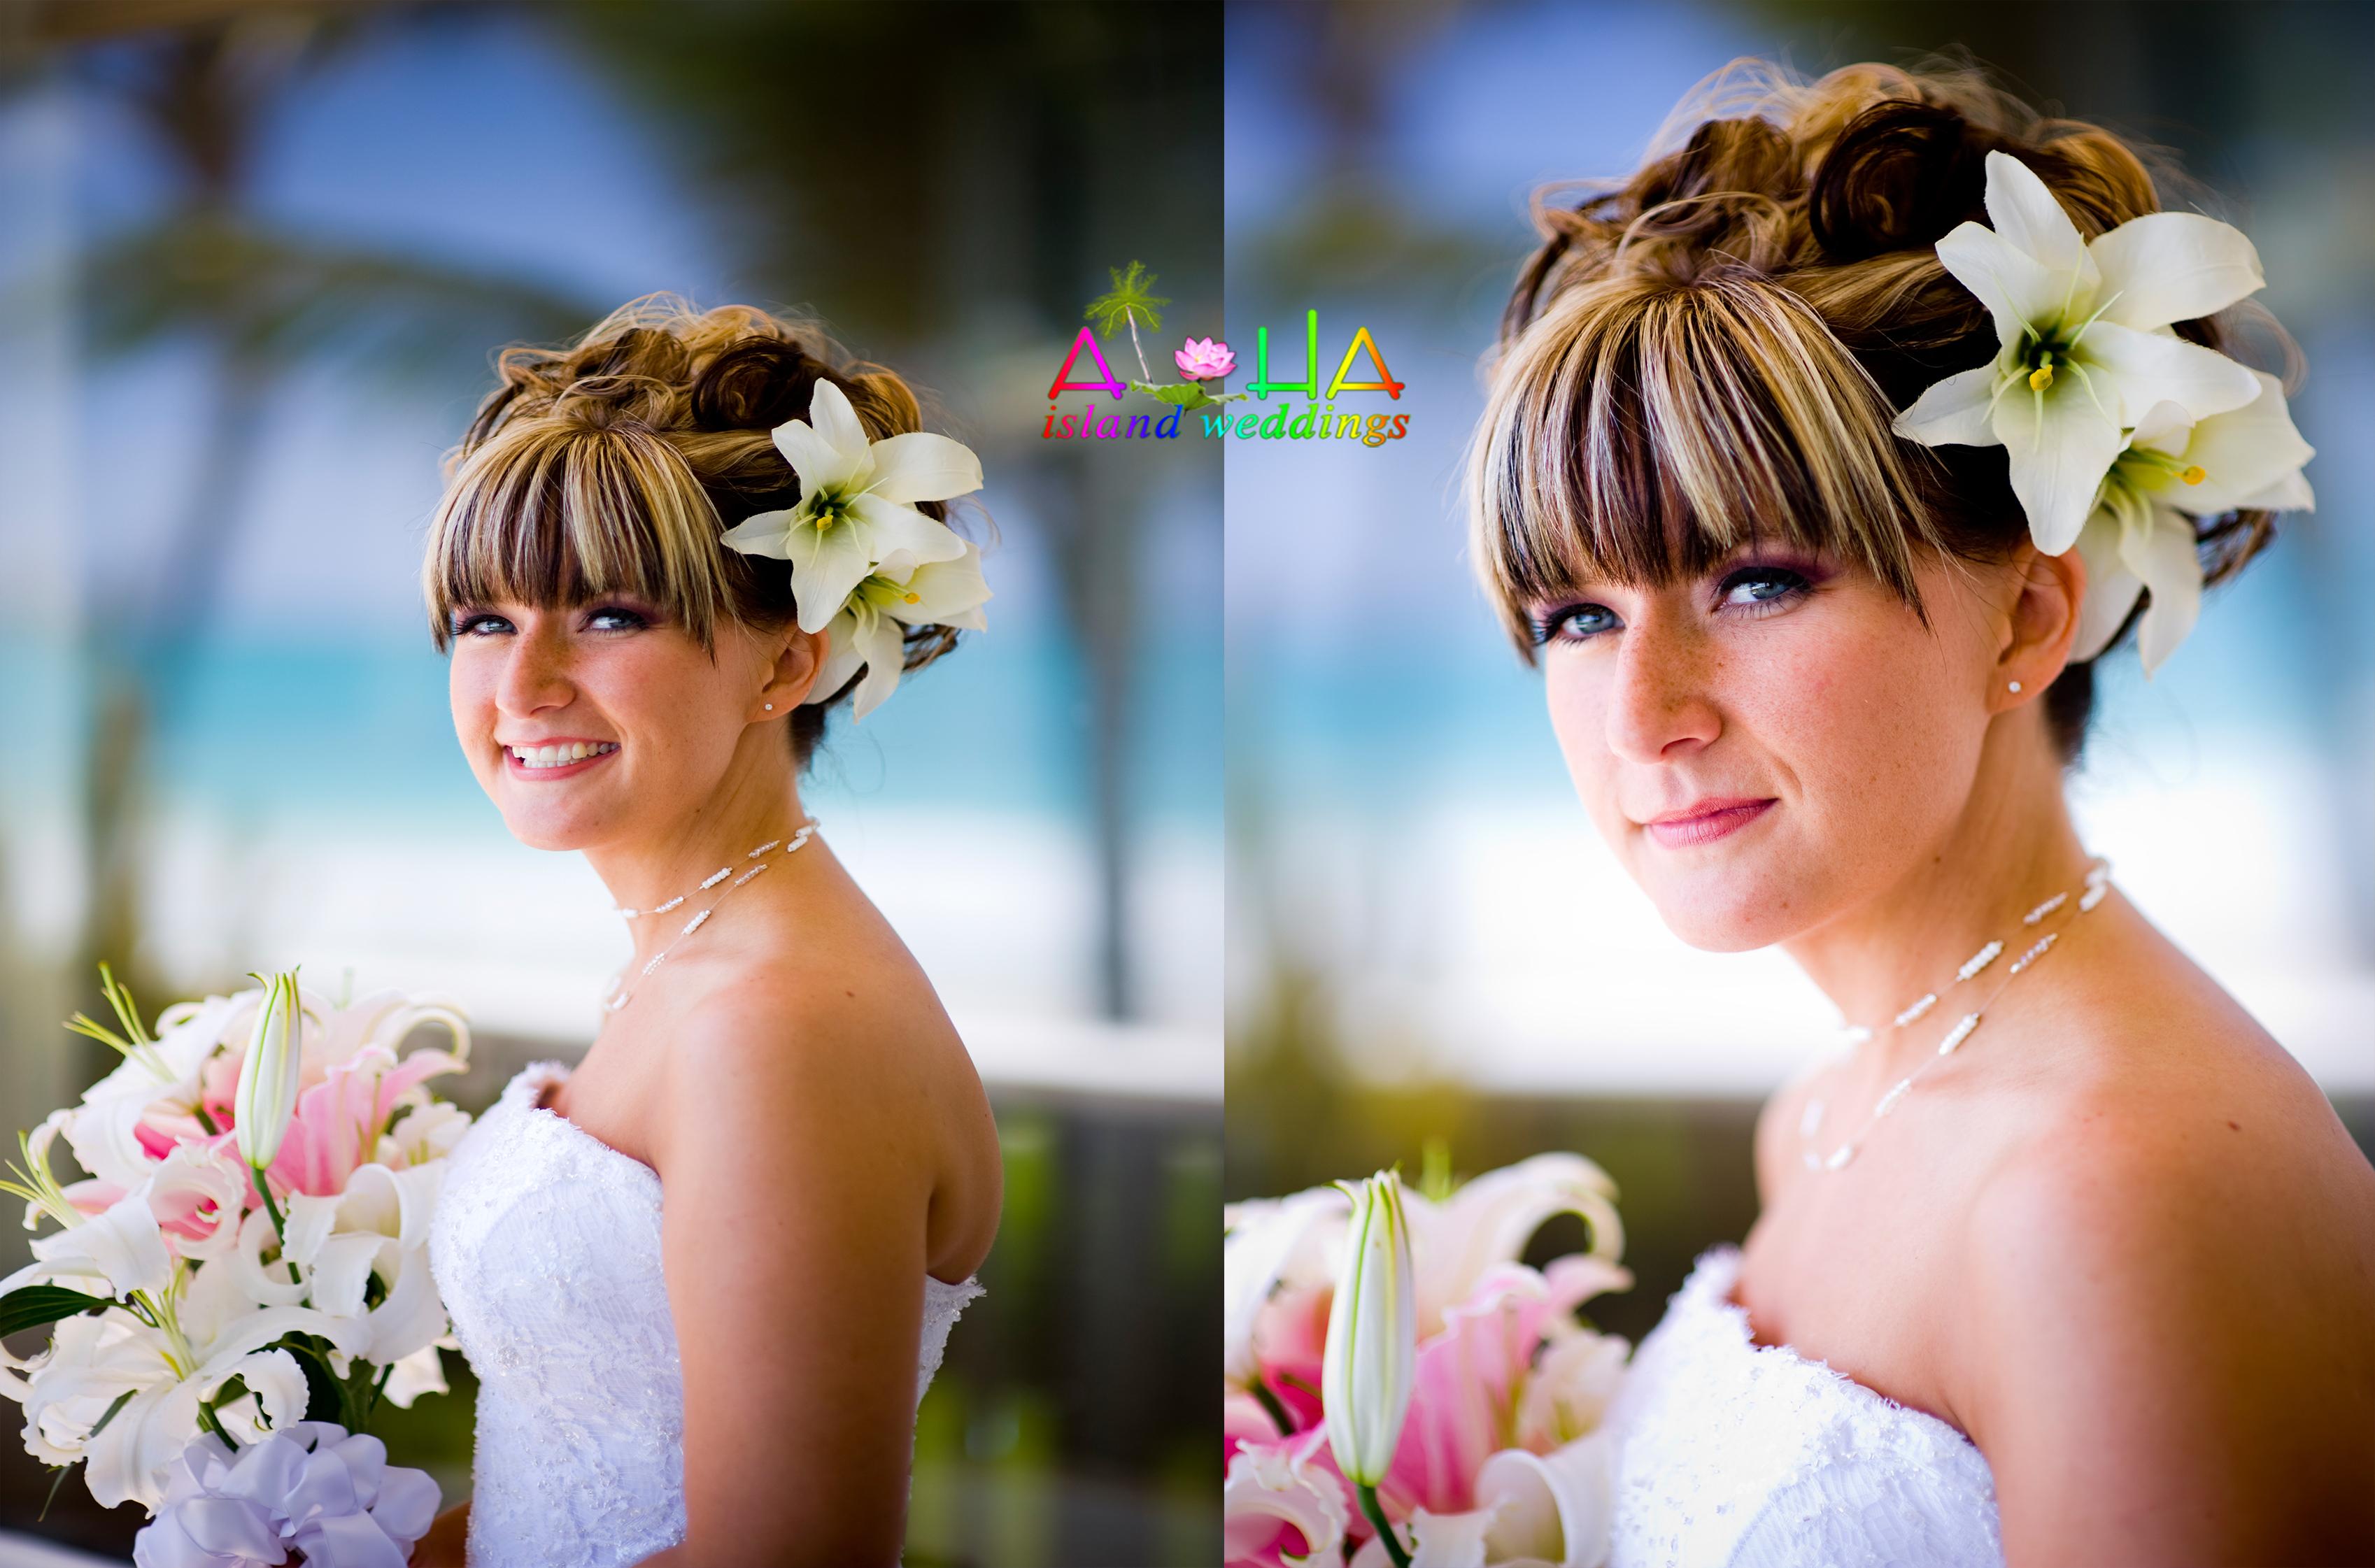 alohaislandweddings- Hawaiian Weddings-30